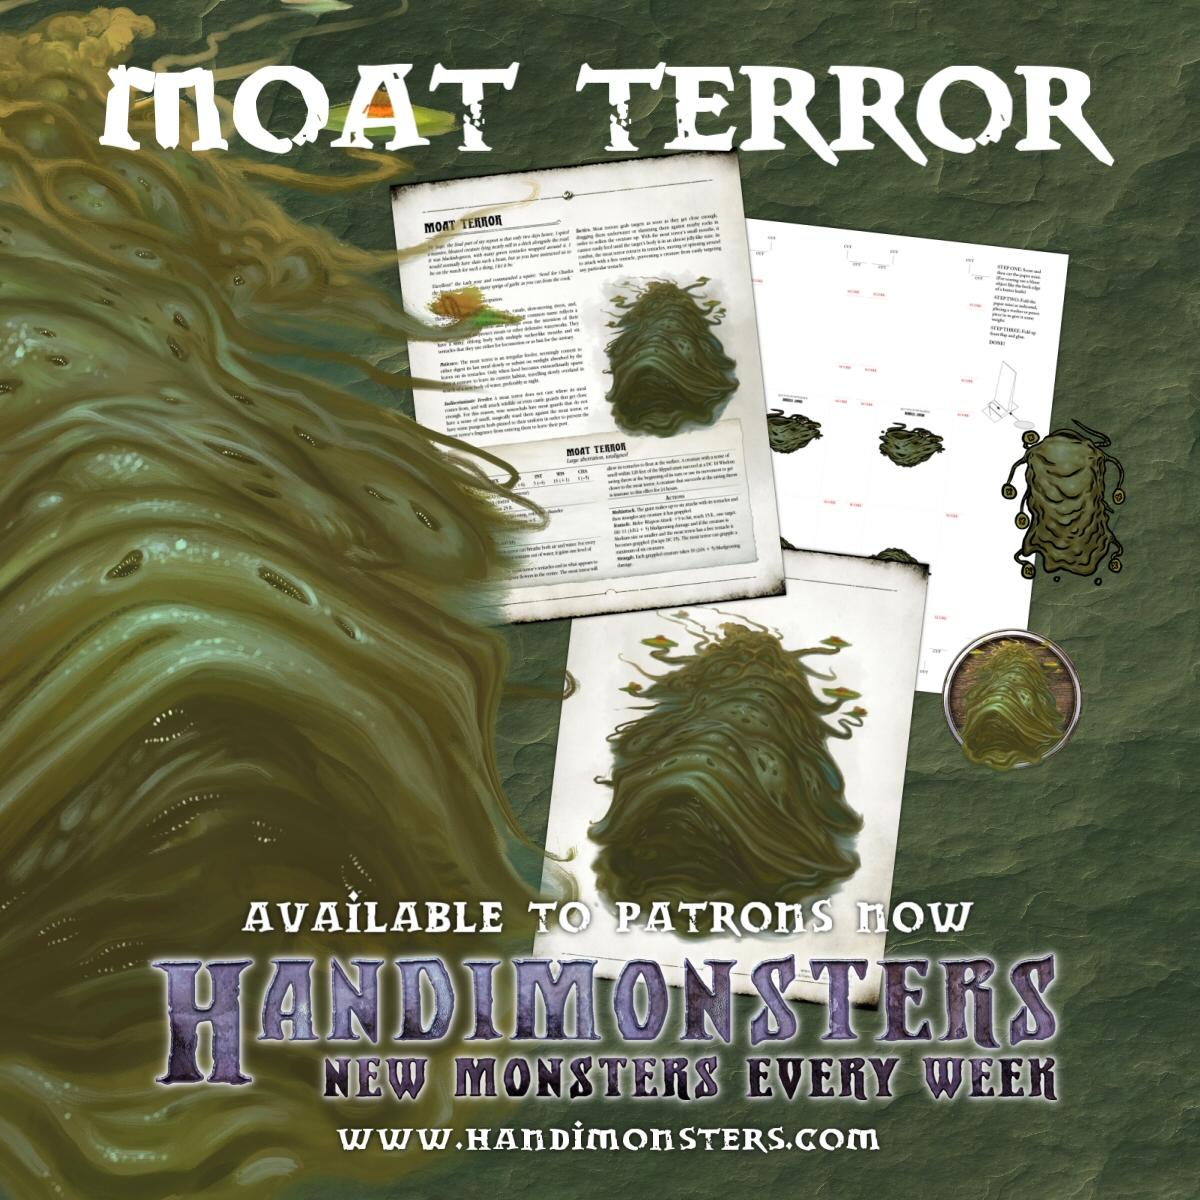 Moat-Terror-insta-ad.jpg